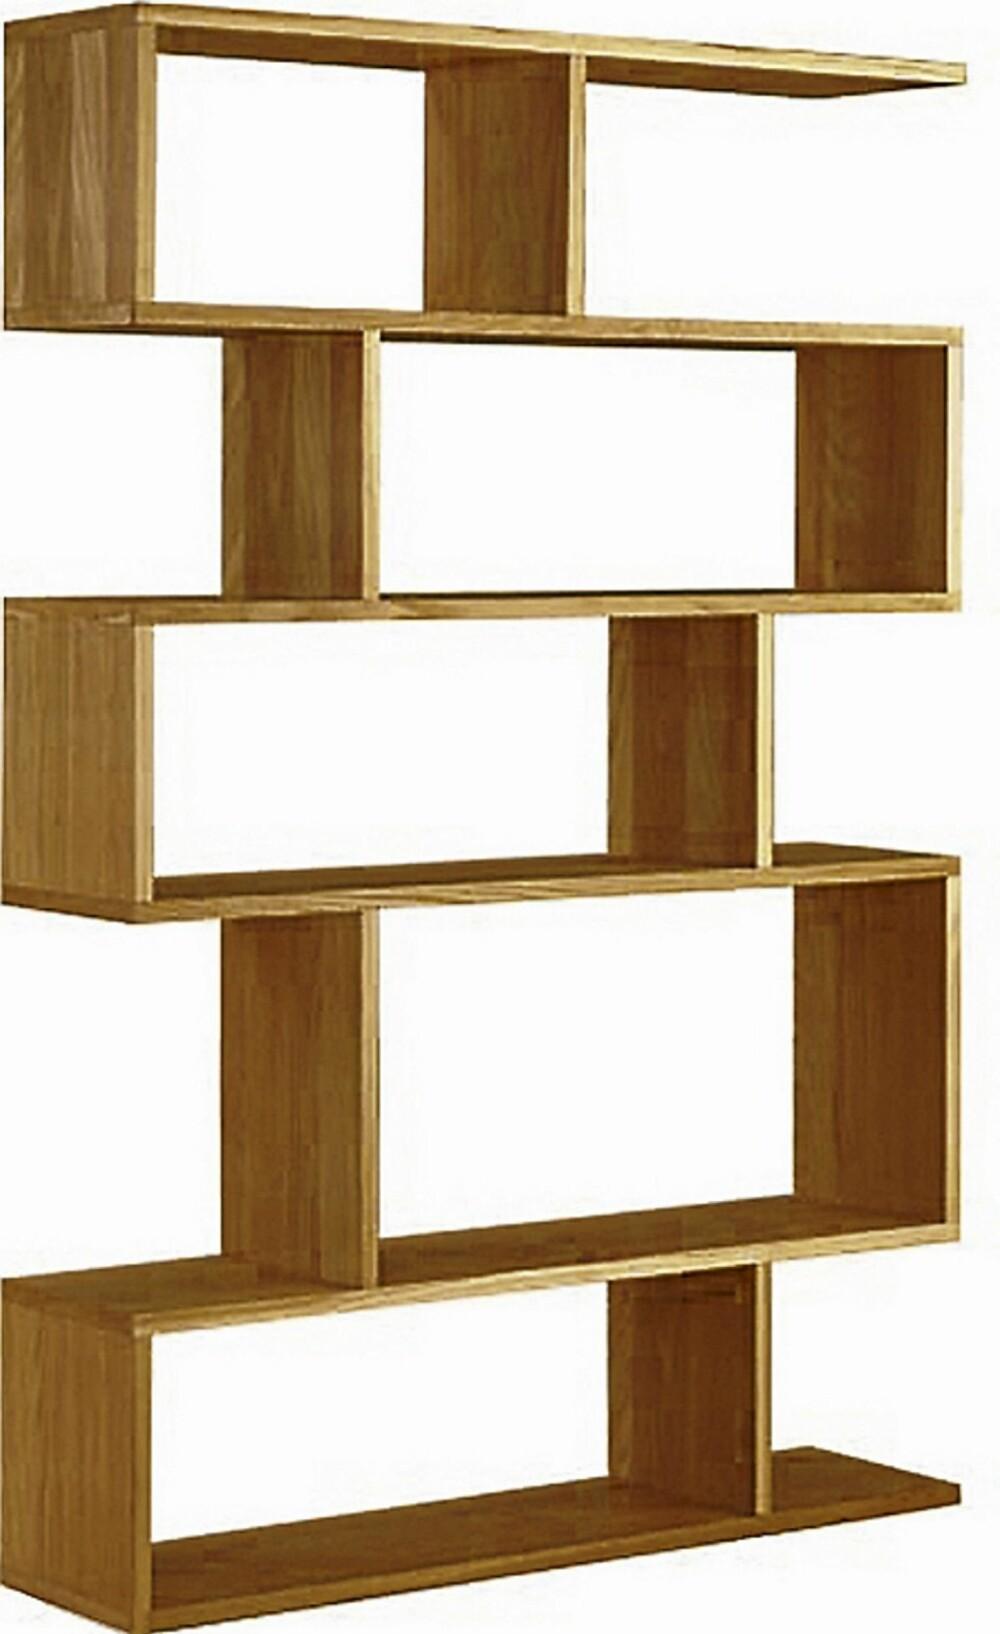 BOKHYLLER: Balance Shelf bokhylle fra Eske, kr 7900.